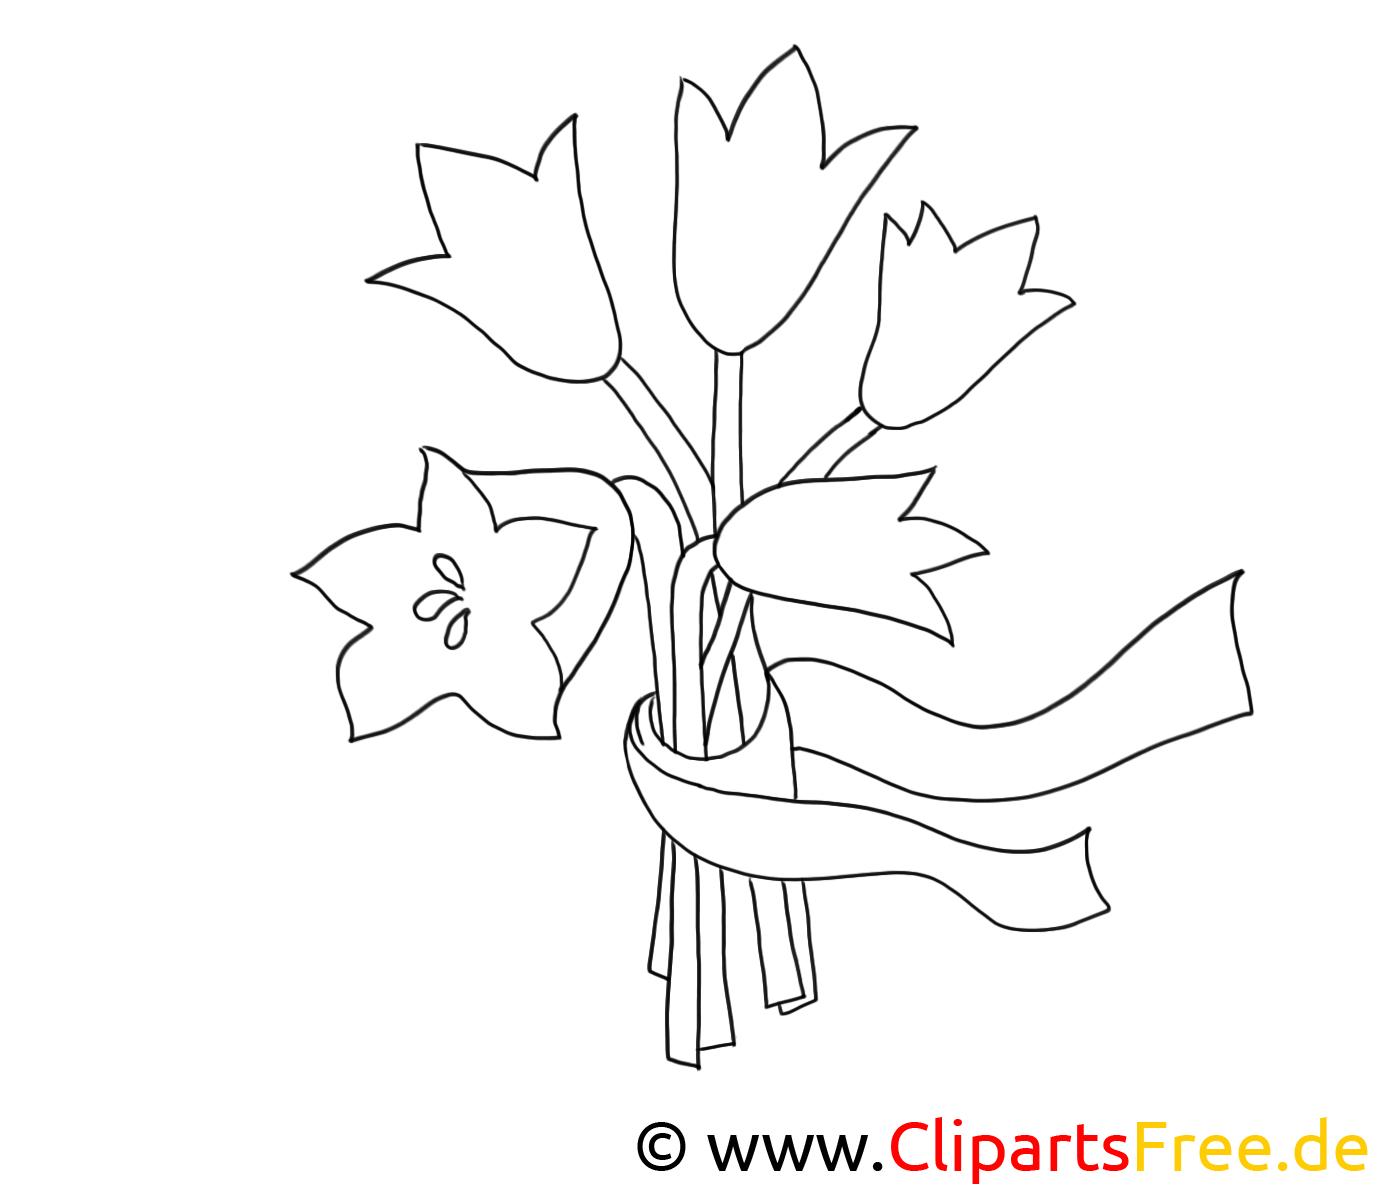 Bouquet Images Fleurs Gratuit A Imprimer Fleurs Coloriages Dessin Picture Image Graphic Clip Art Telecharger Gratuit